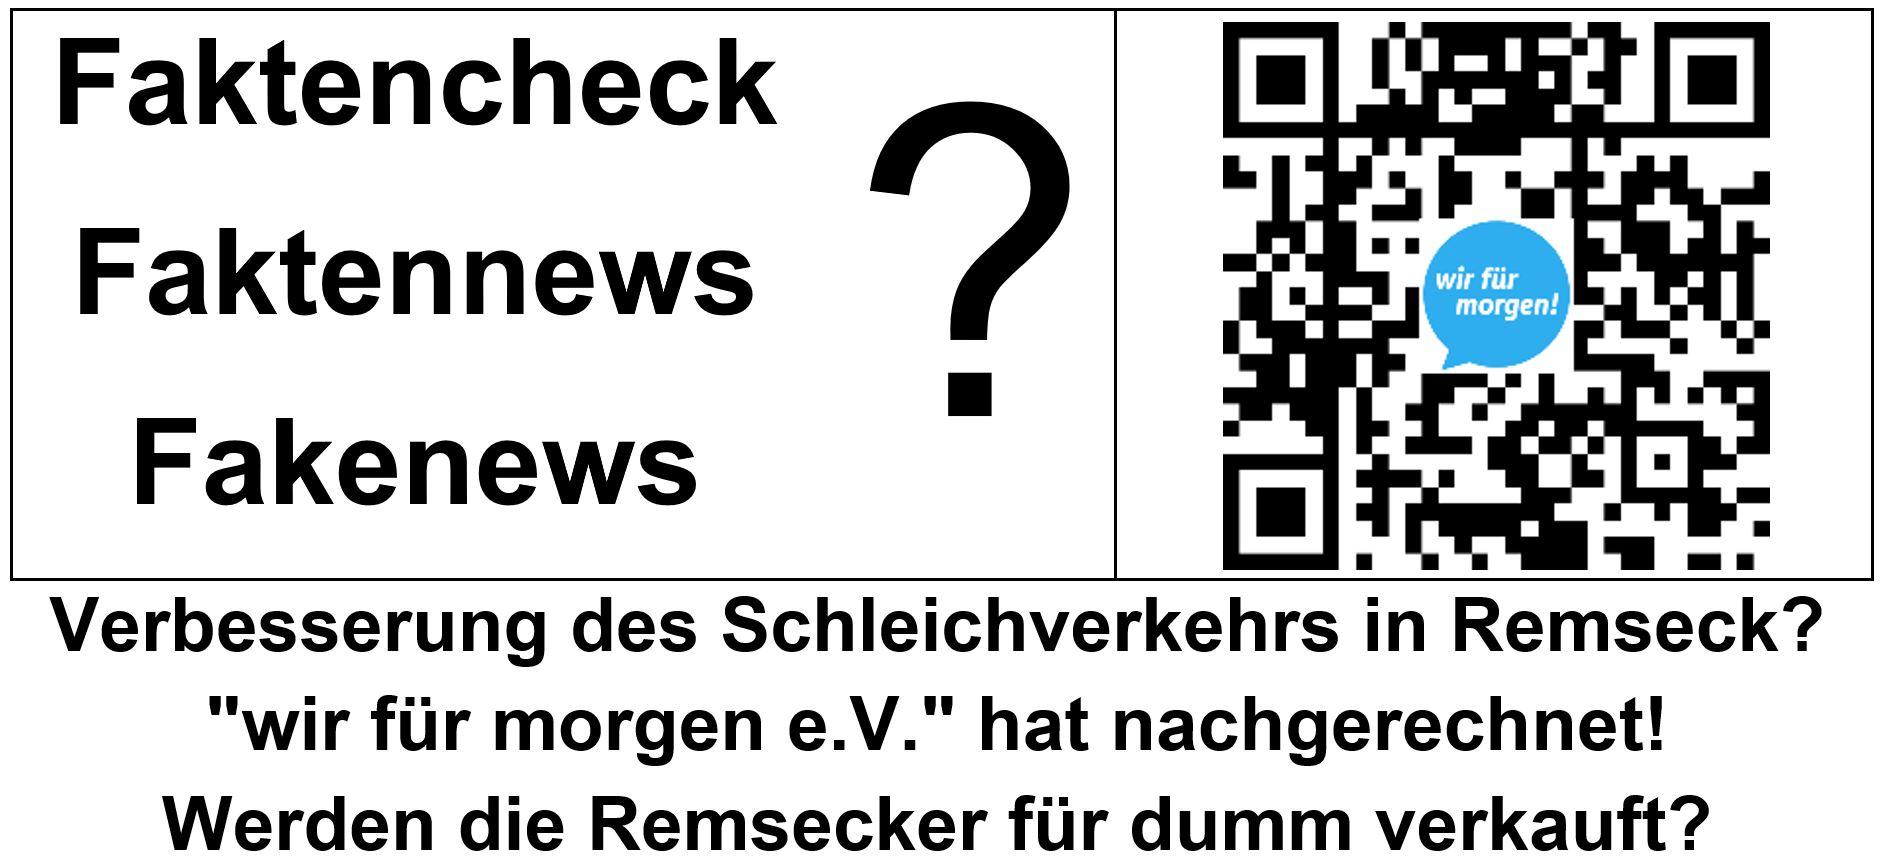 Fakten-Check Schleichverkehr